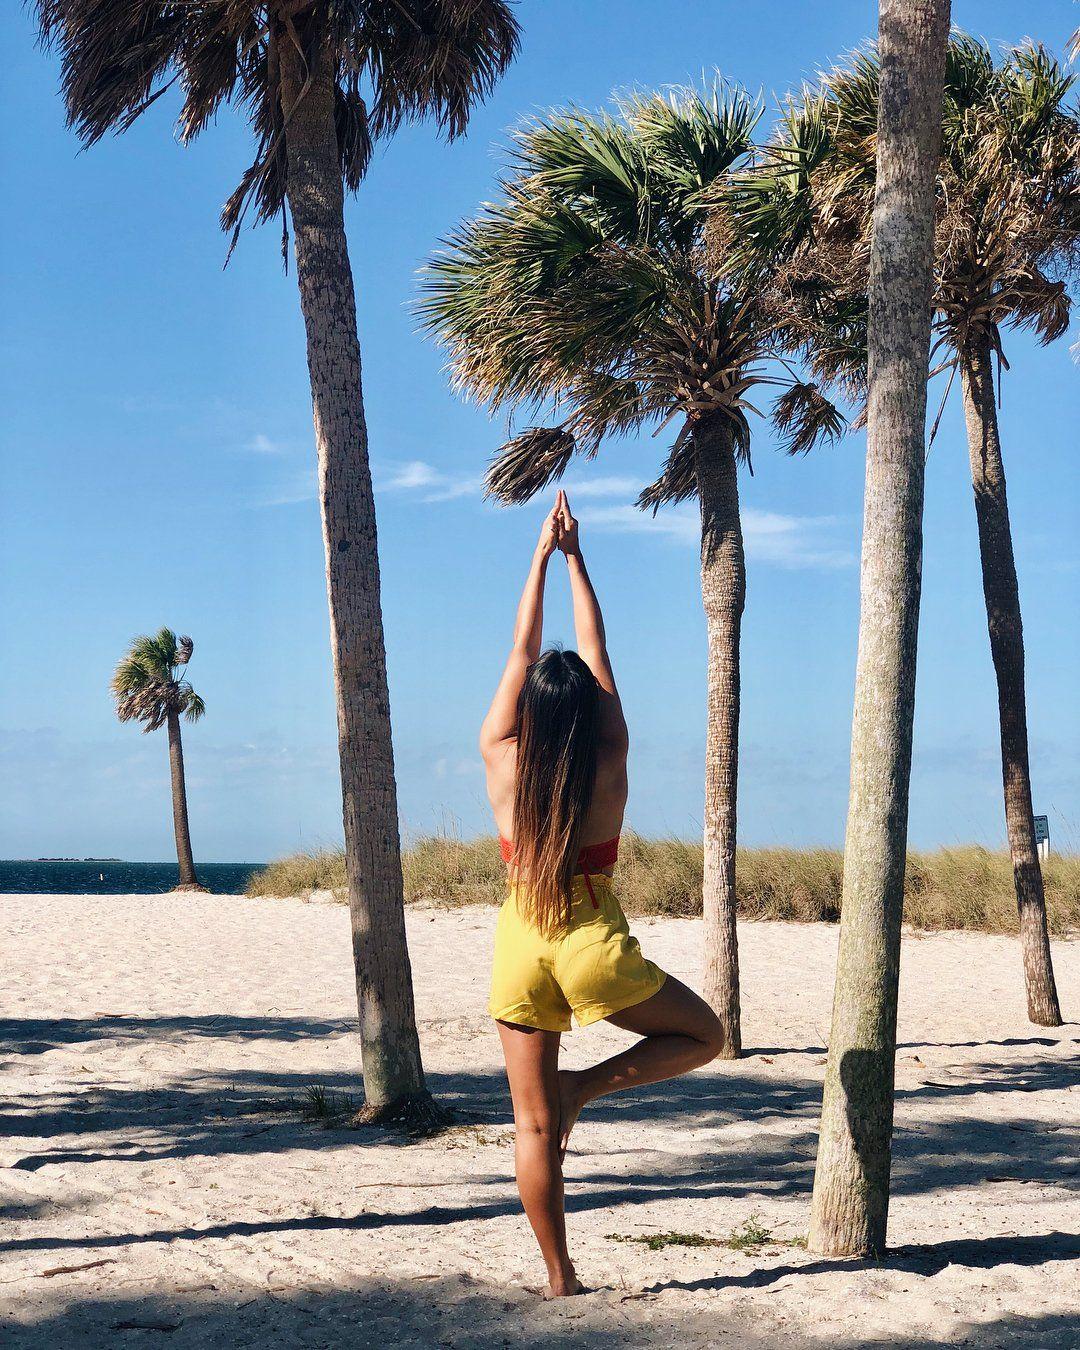 Visit St Petersburg Clearwater Florida